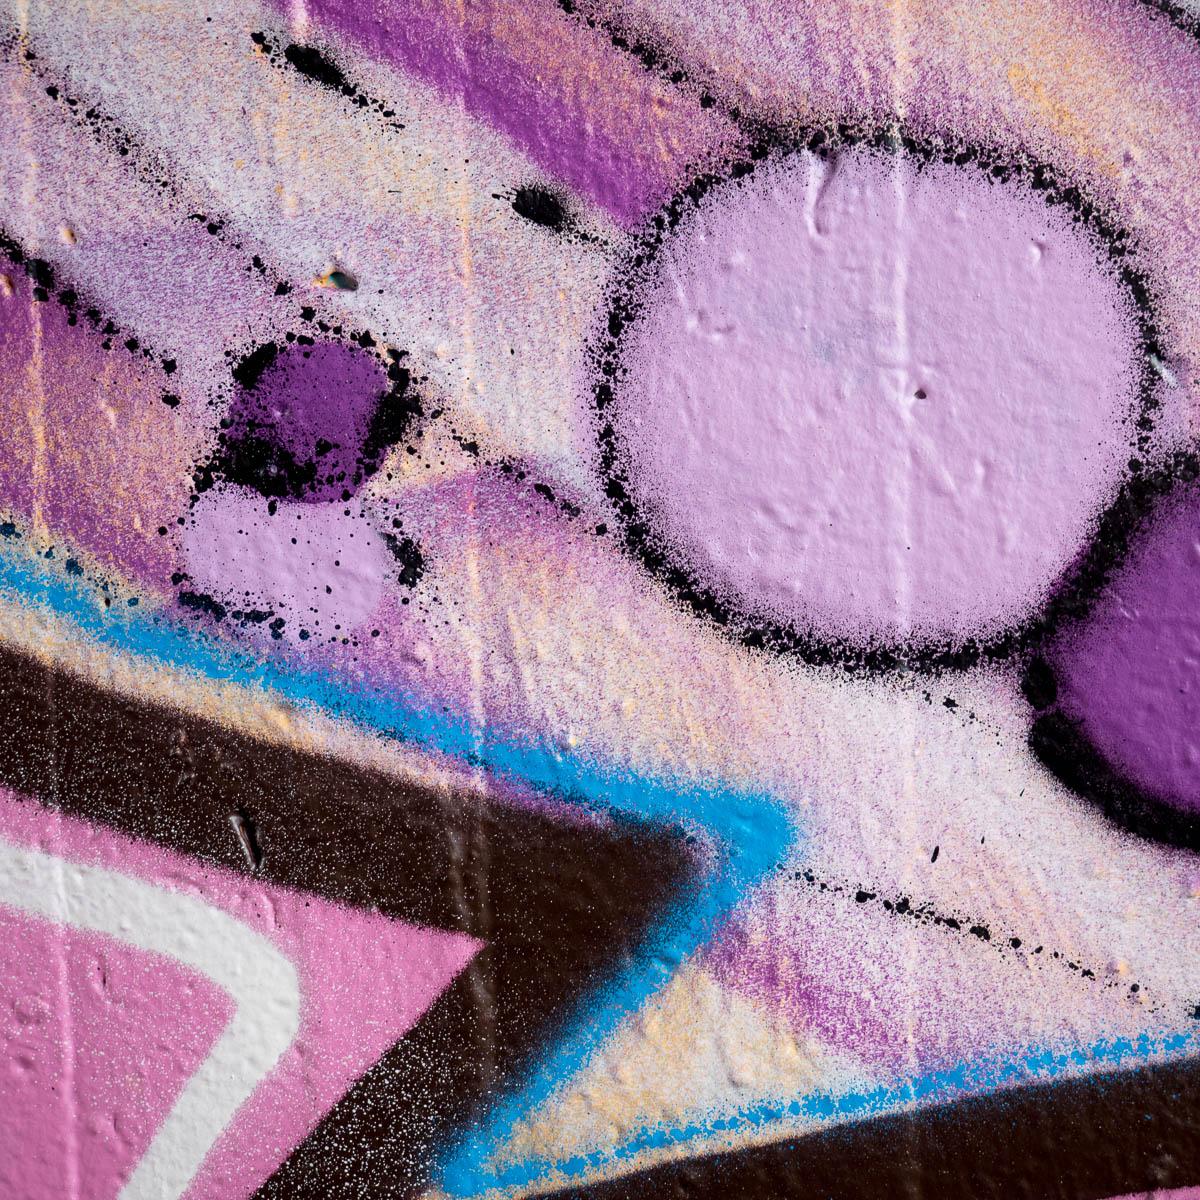 Graffiti in Frankfurt - Ill Zoo Crew - 3 mal 2500 Pixel (Ratswegkreisel 61)